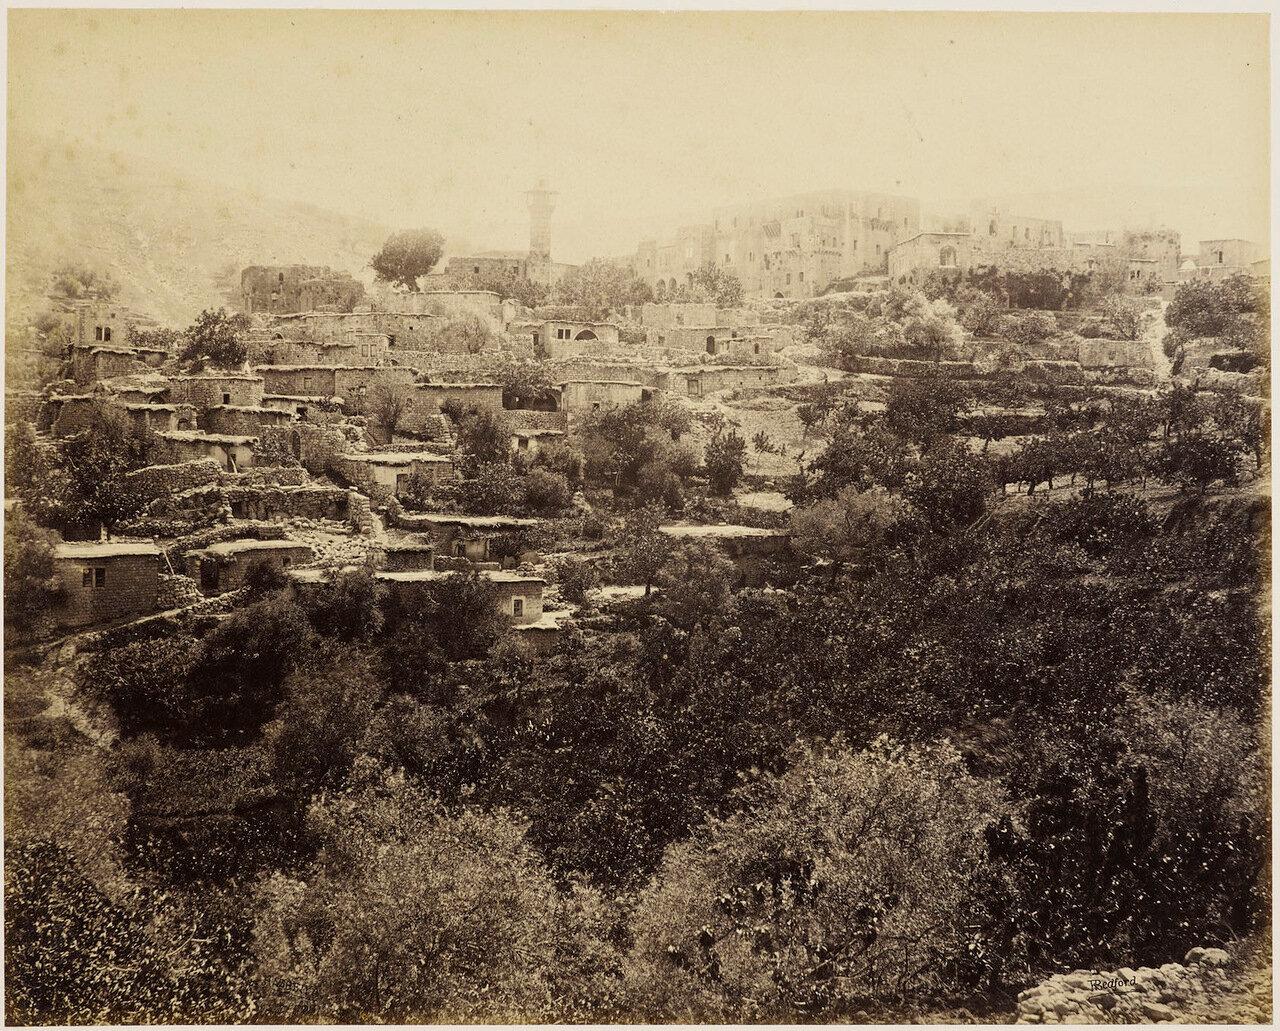 26 апреля 1862. Хасбайя, Ливан